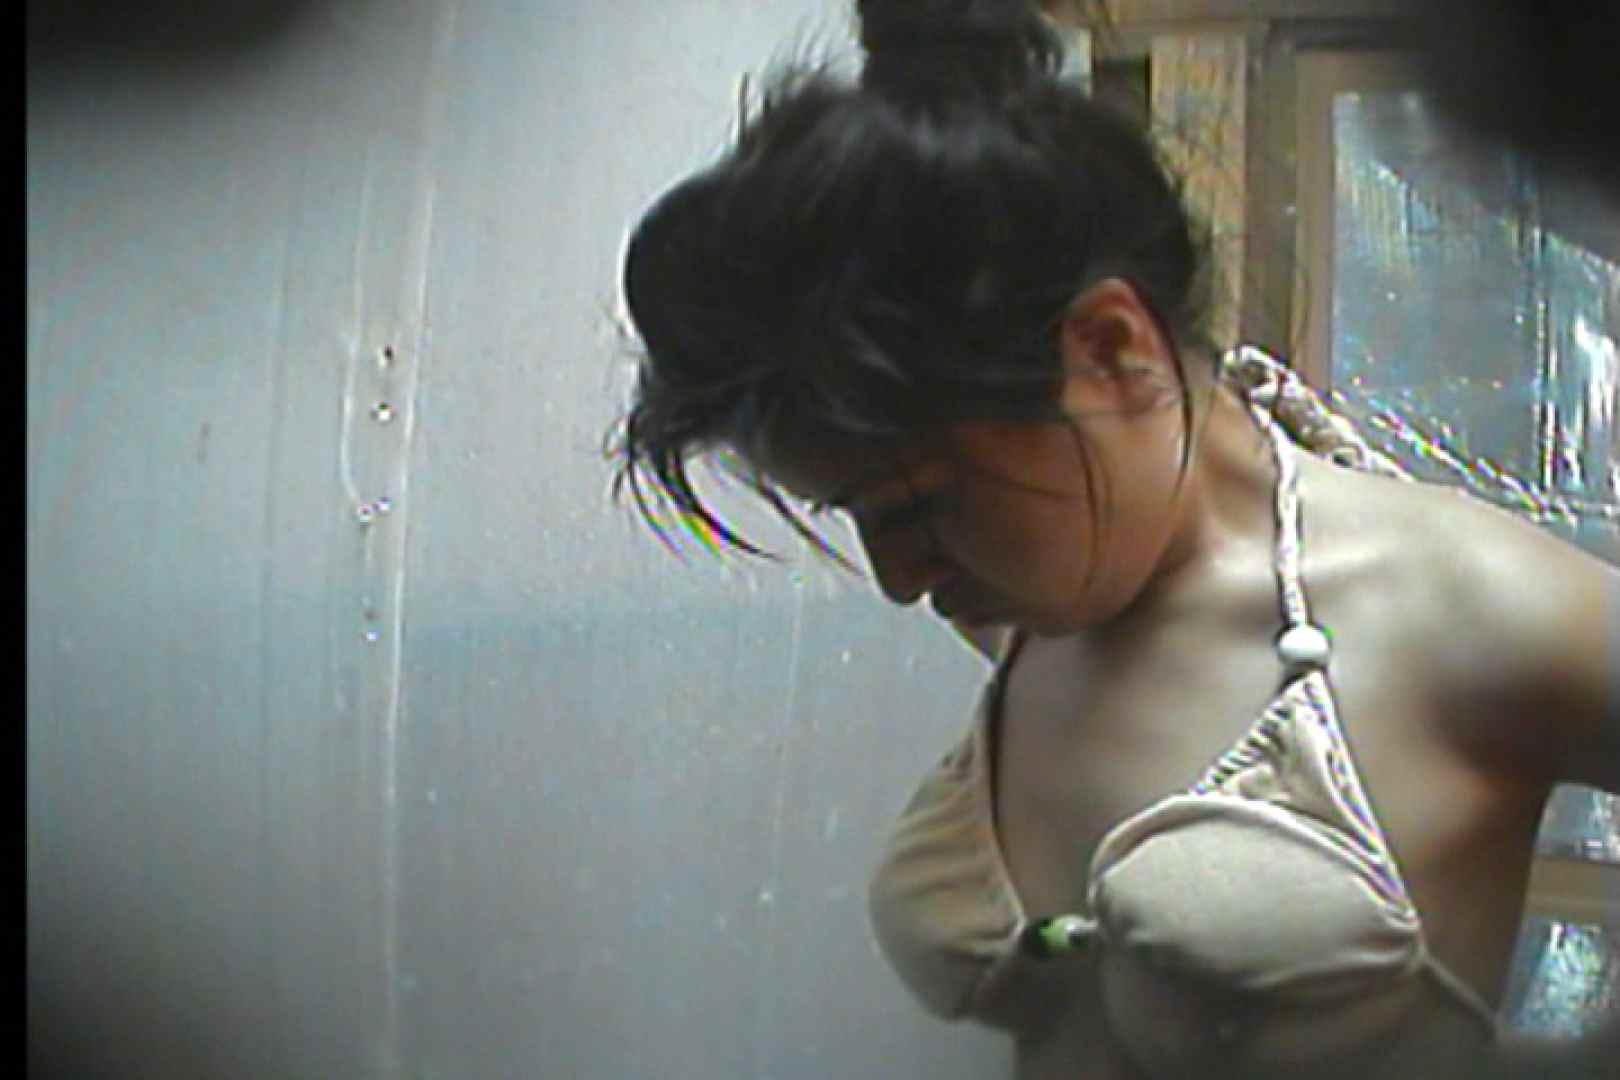 海の家の更衣室 Vol.19 美女 盗撮えろ無修正画像 35pic 26